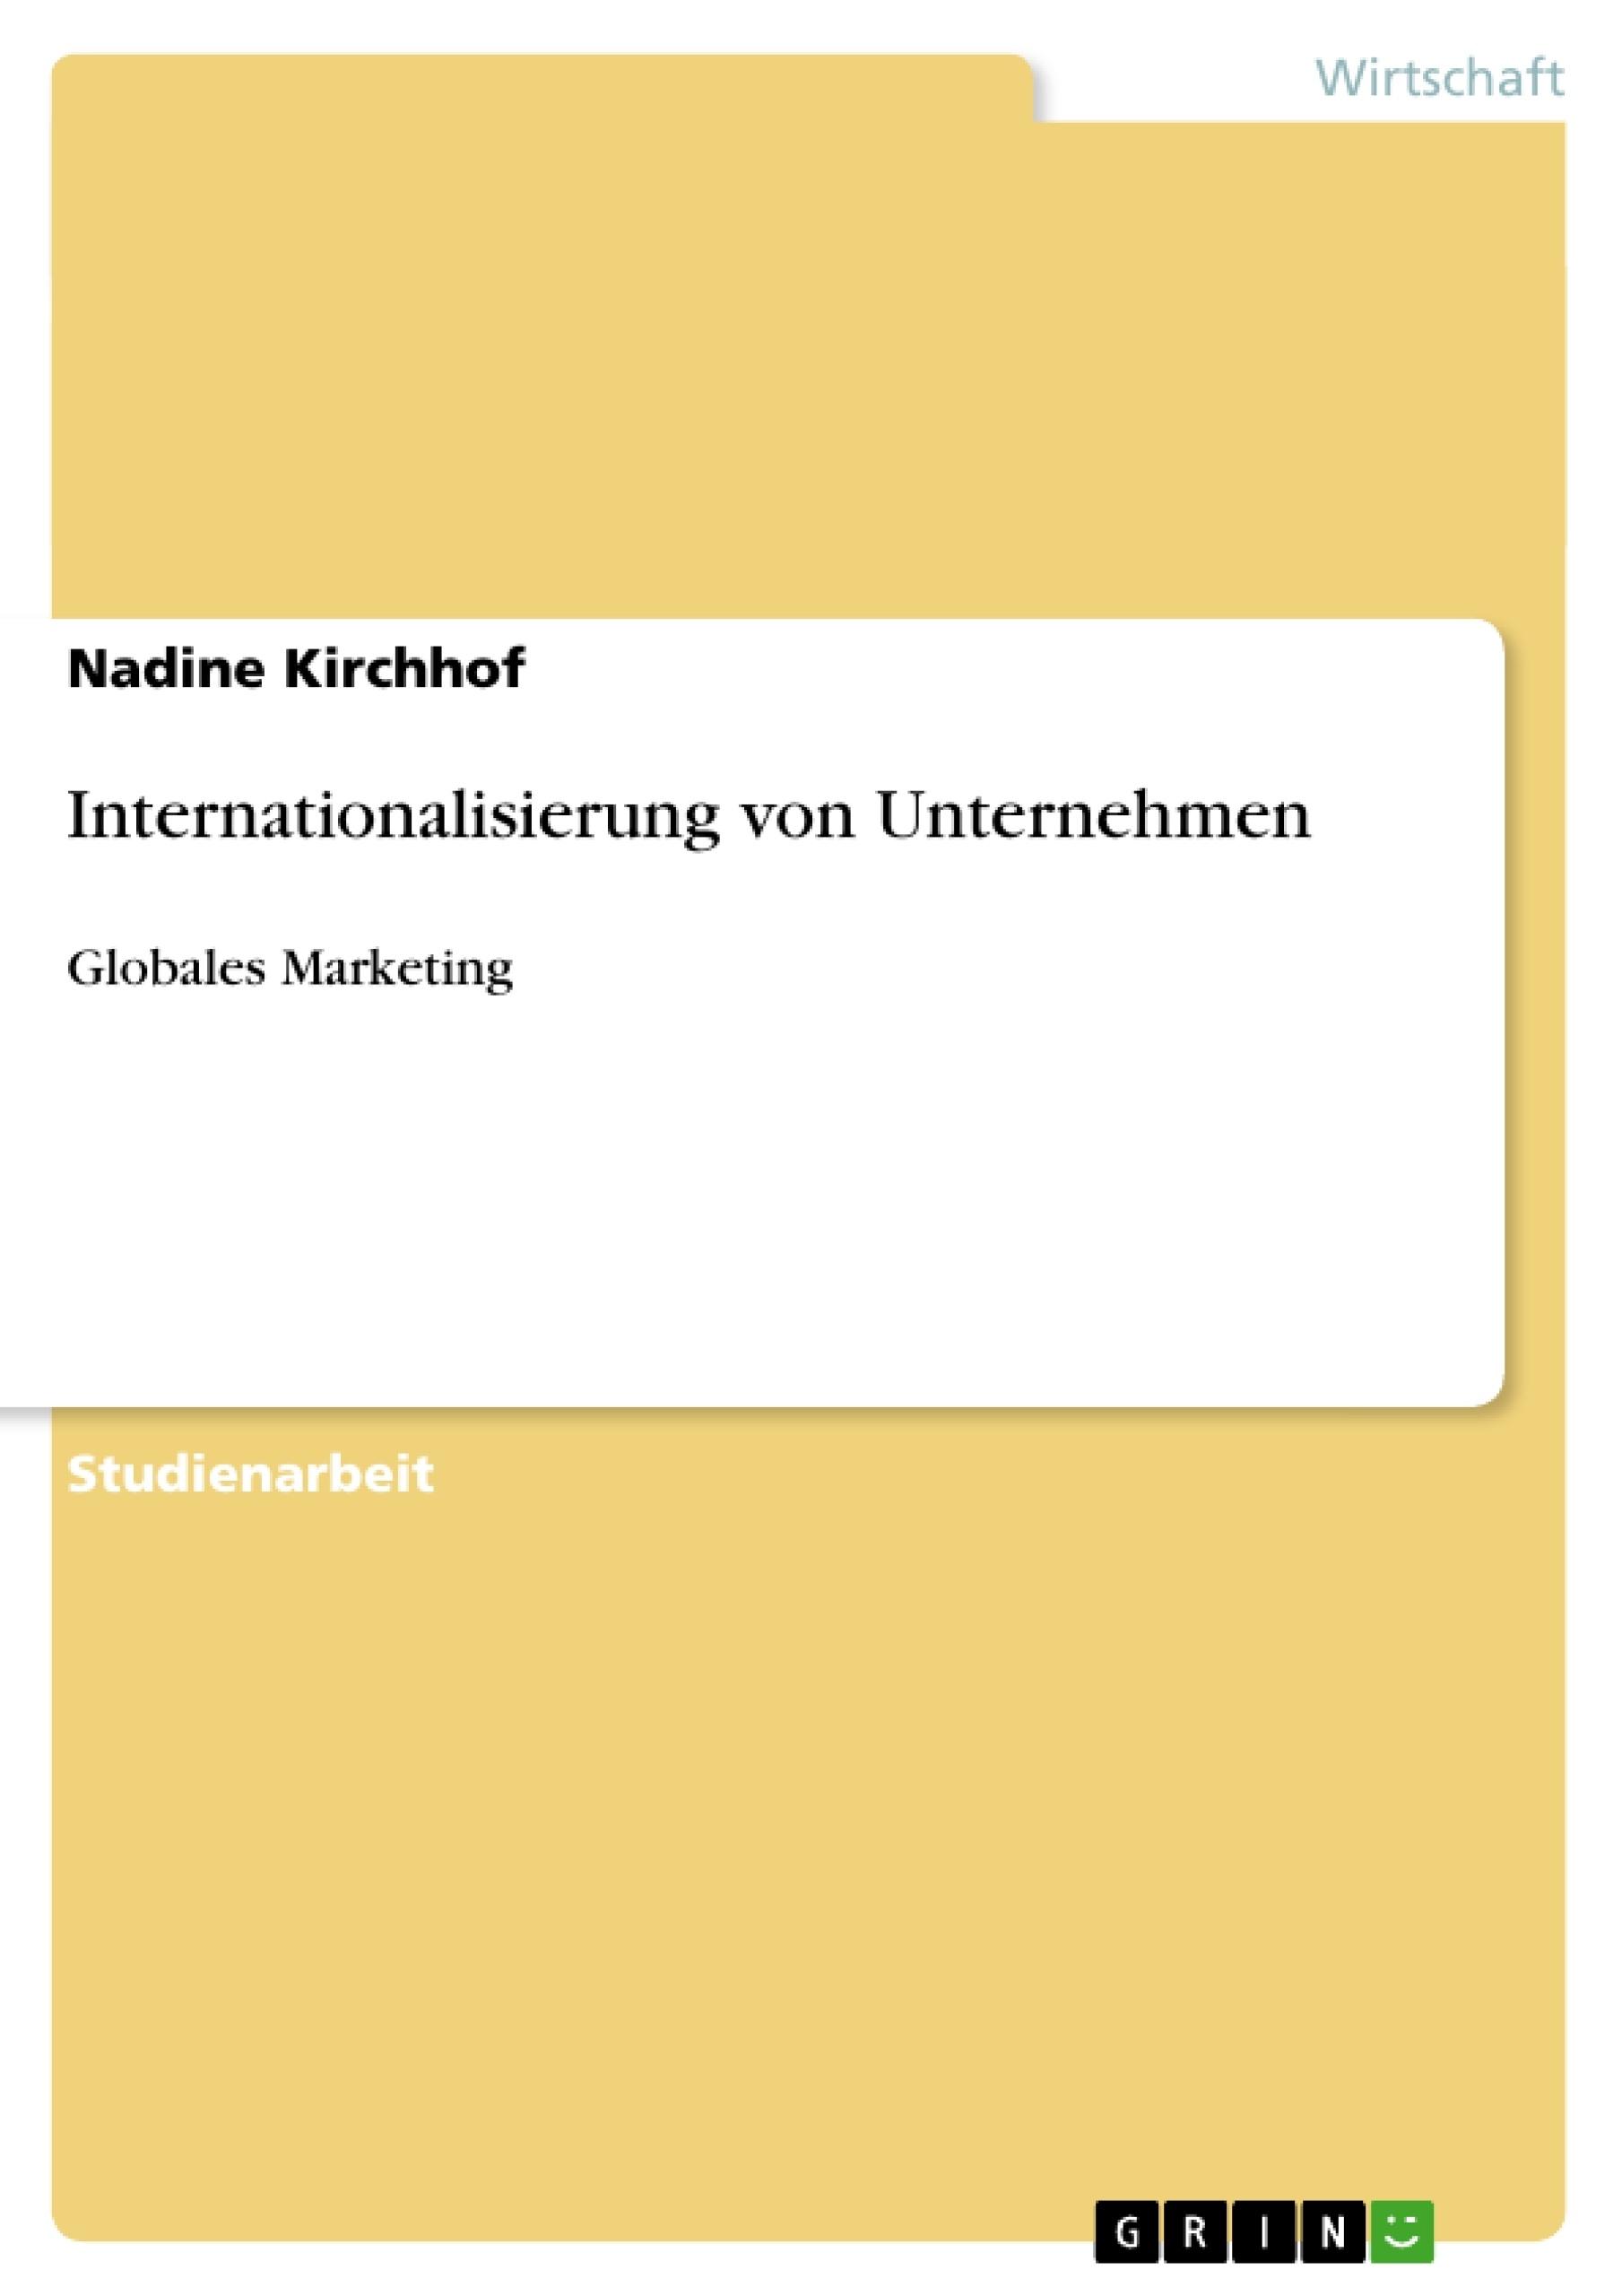 Titel: Internationalisierung von Unternehmen